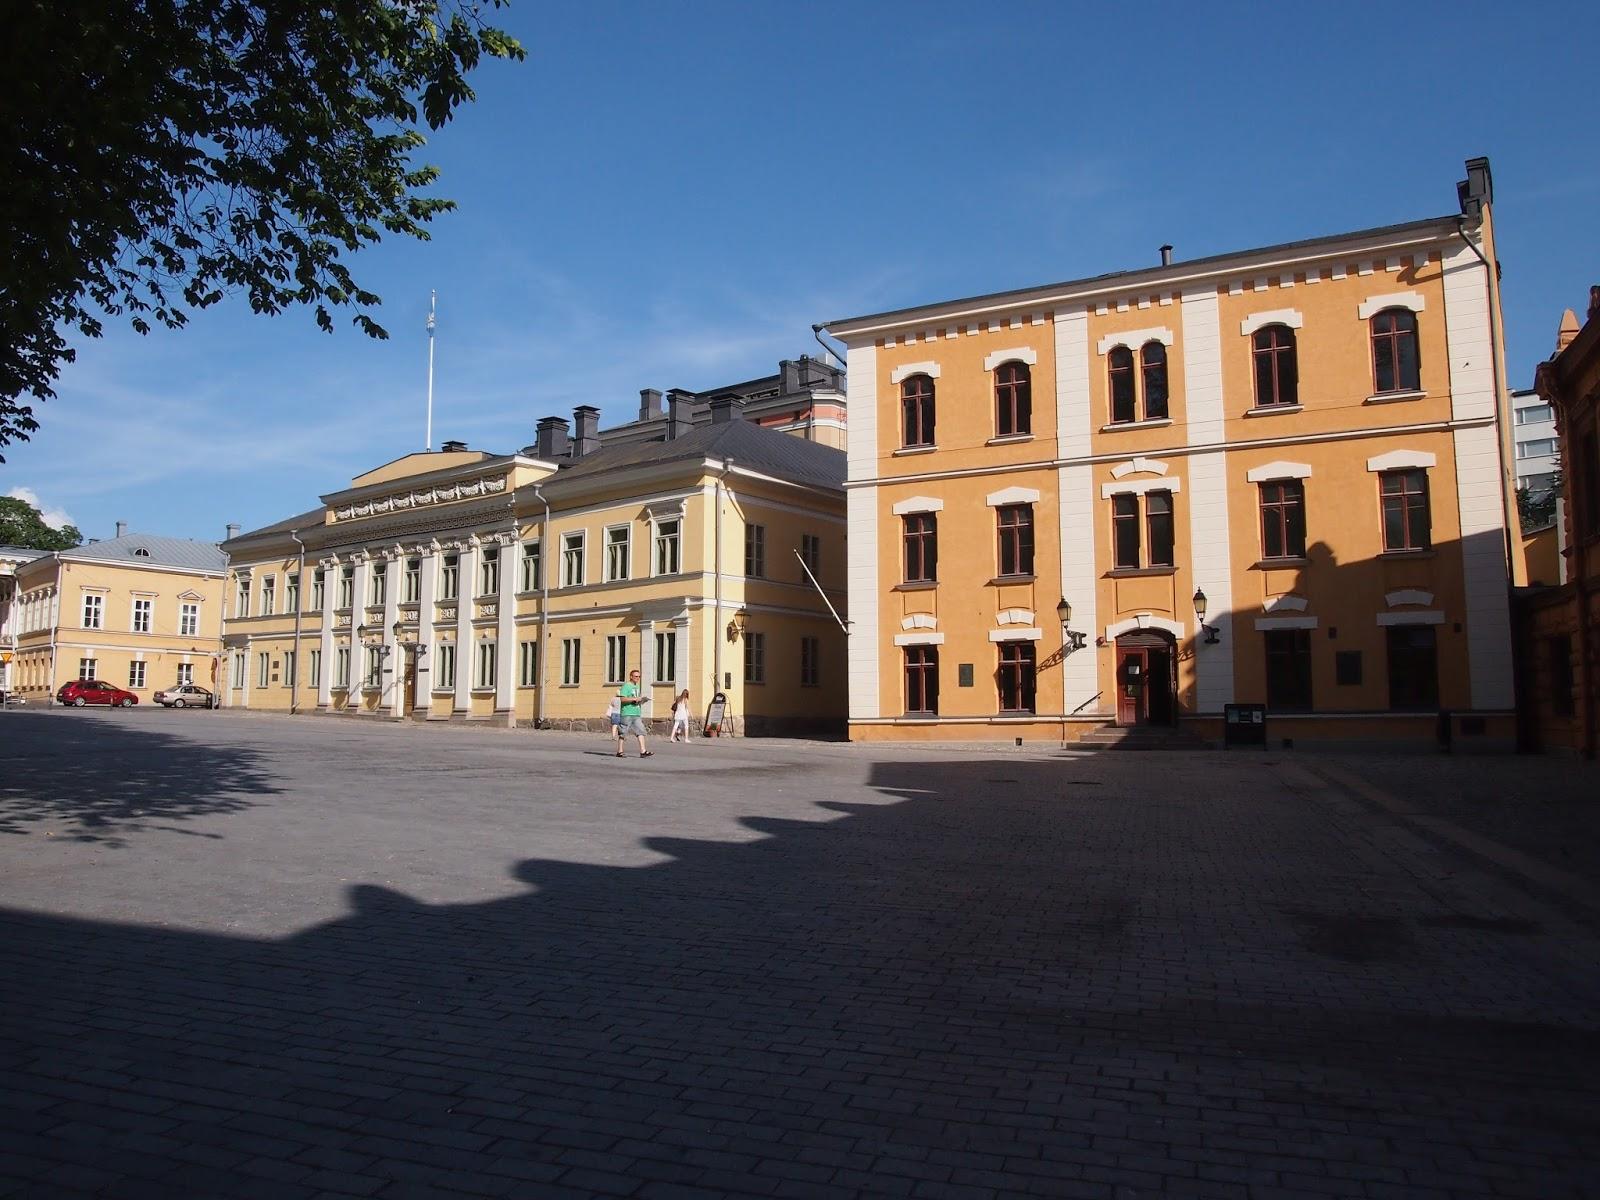 Mullan Alta Keskiajan Turku 3 Luostarikortteli